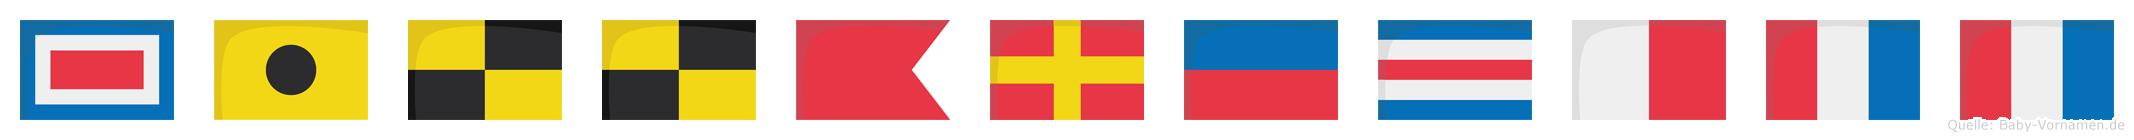 Willbrechtt im Flaggenalphabet